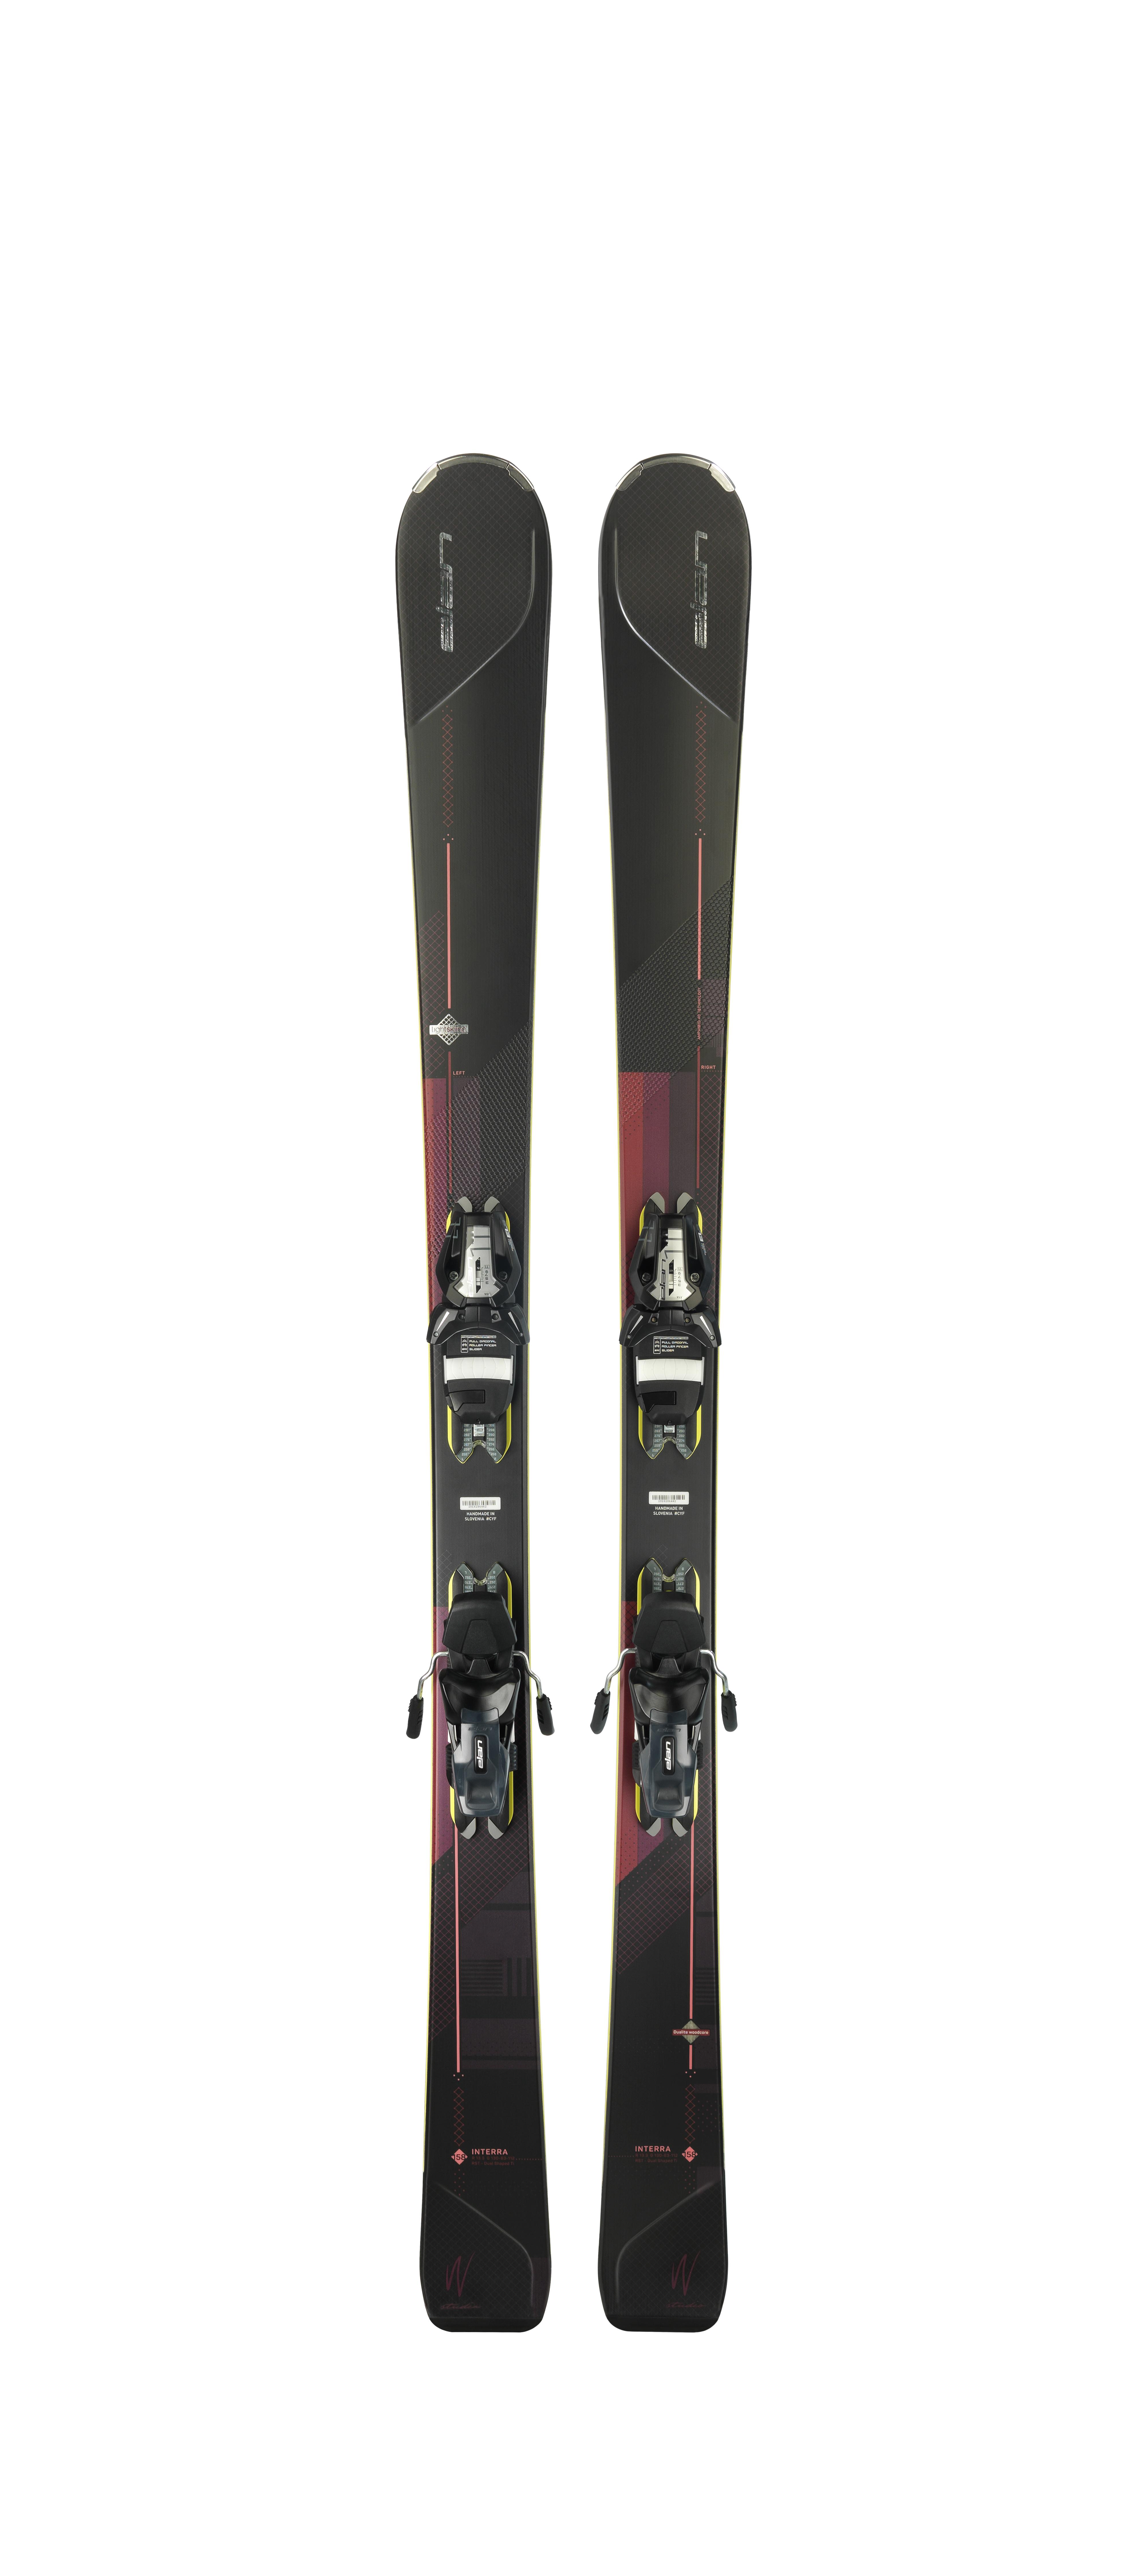 Горные лыжи с креплениями Elan 2017-18 Interra ELS 11 PS WB - артикул: 971930420